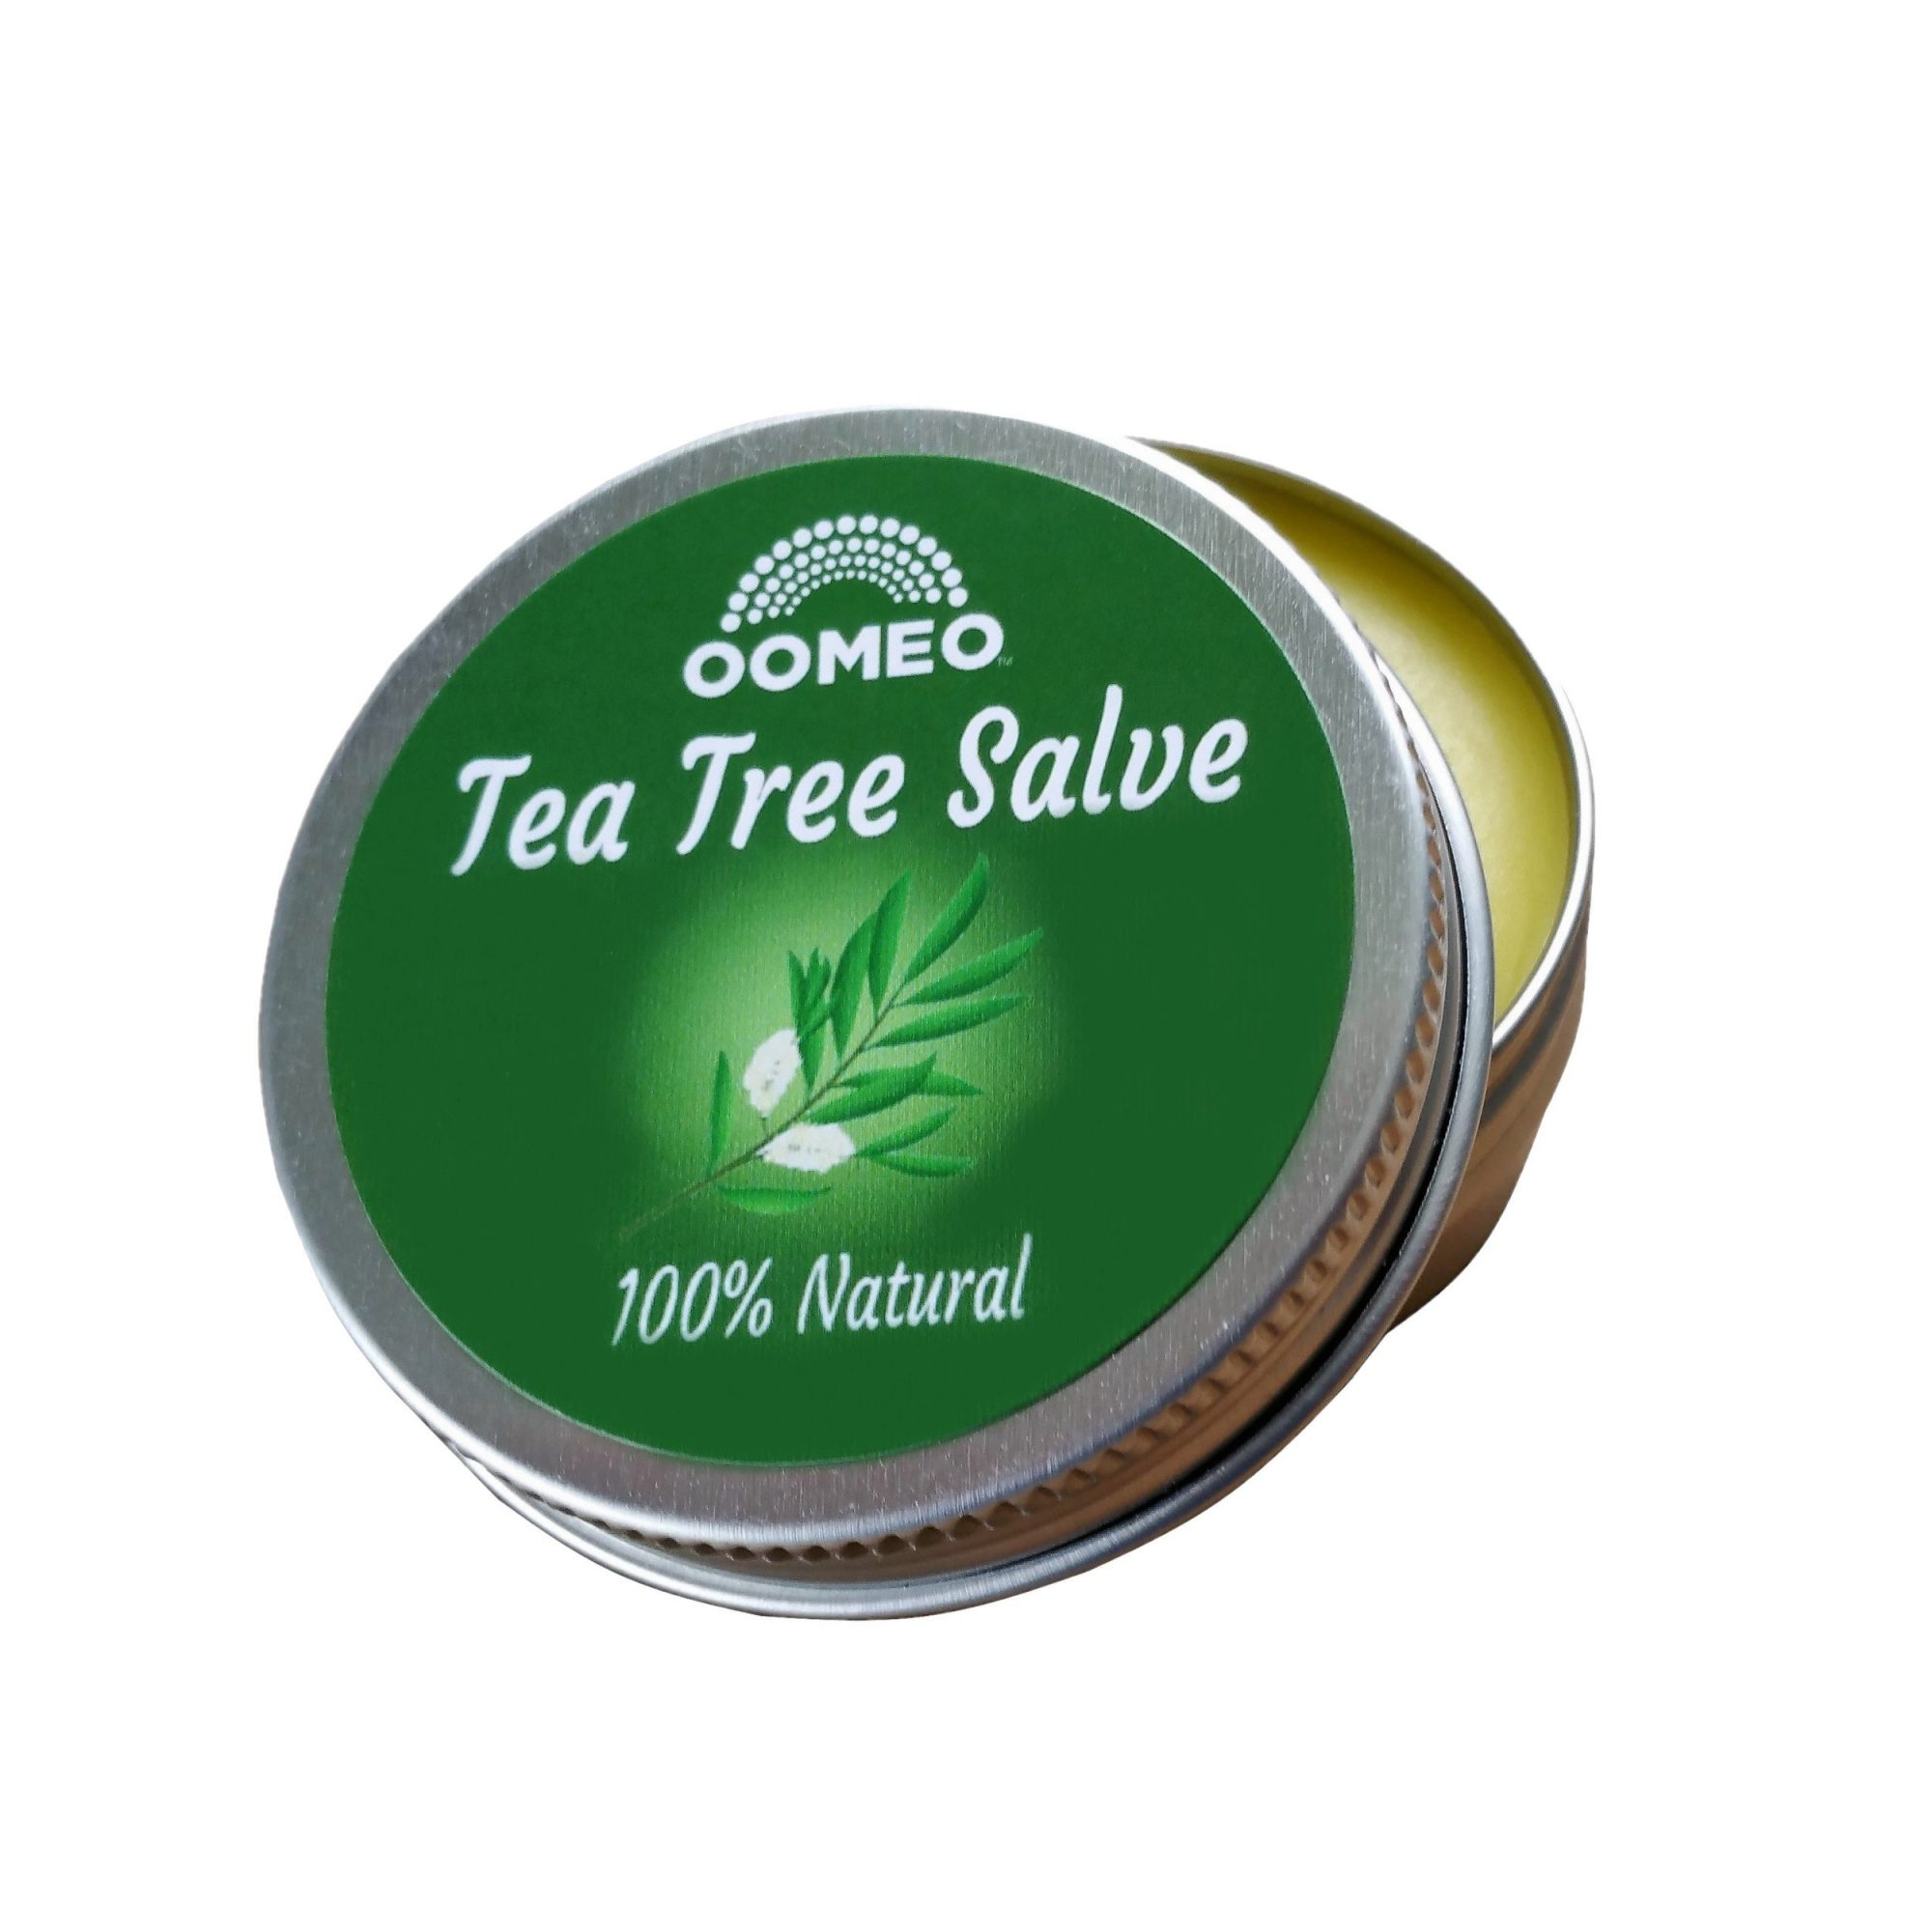 Tea Tree Salve